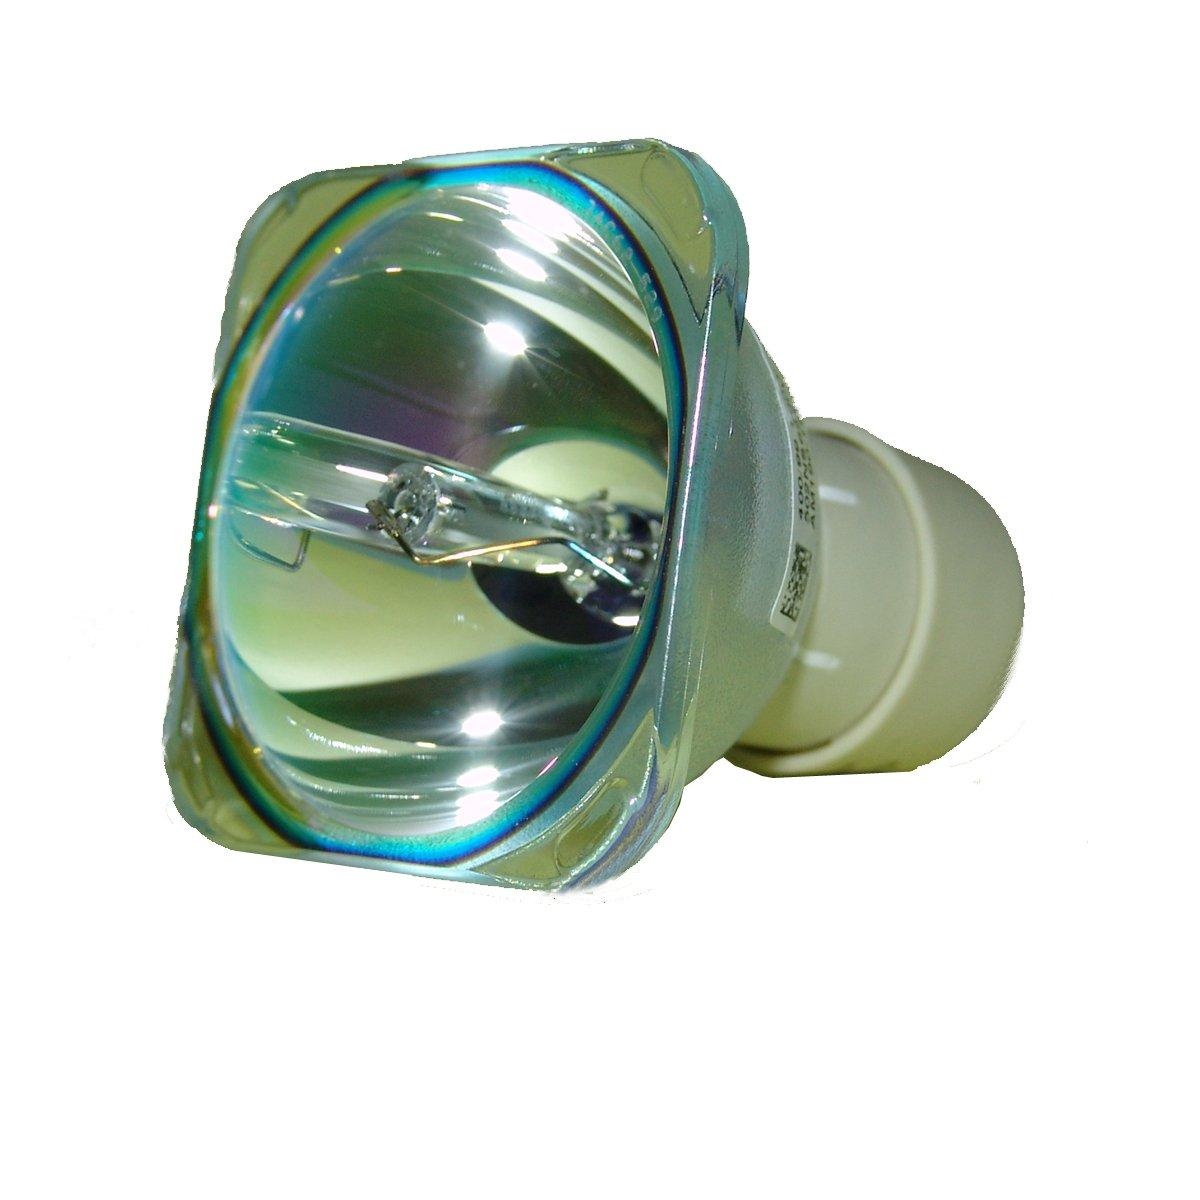 オリジナル フィリップス プロジェクター 交換用ランプ Optoma GT5500+用 Platinum (Brighter/Durable) B07L2BD91L Lamp Only Platinum (Brighter/Durable)